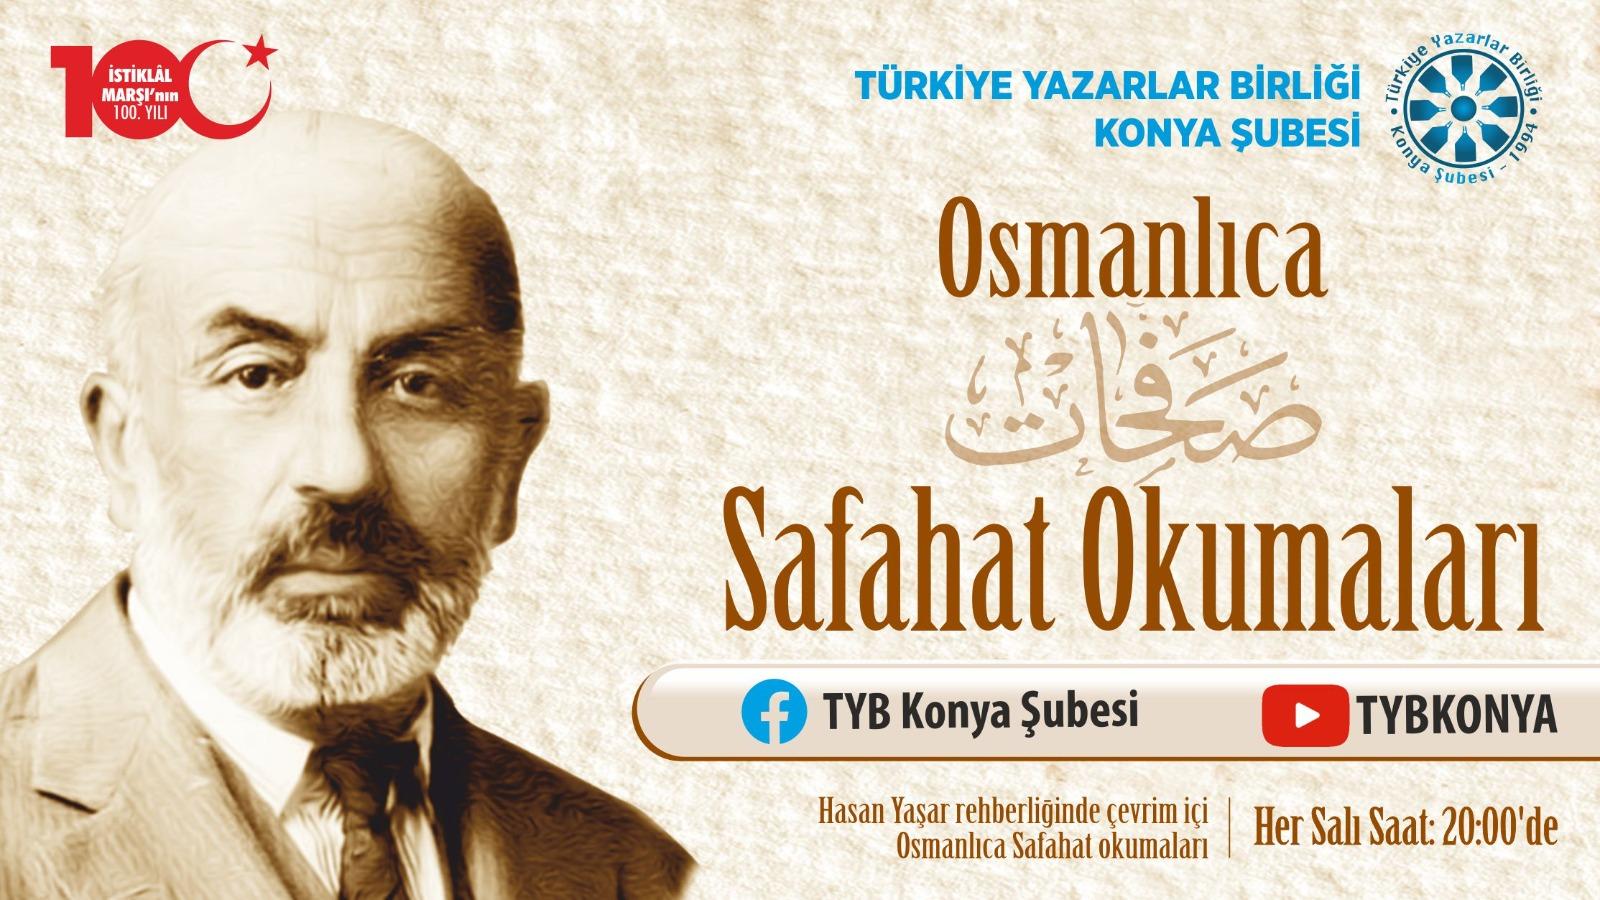 Konya Şubesinde Osmanlıca Safahat Okumaları Başlıyor